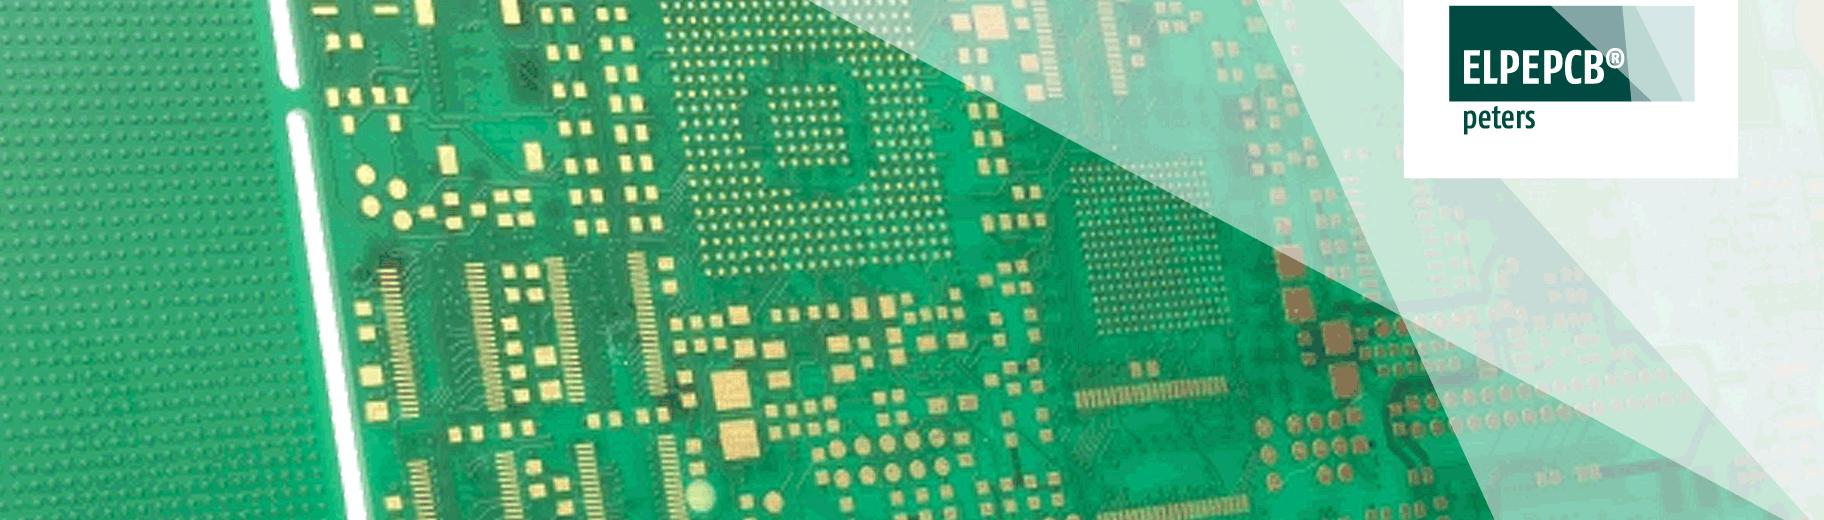 ELPEPCB® 印刷电路板涂层材料